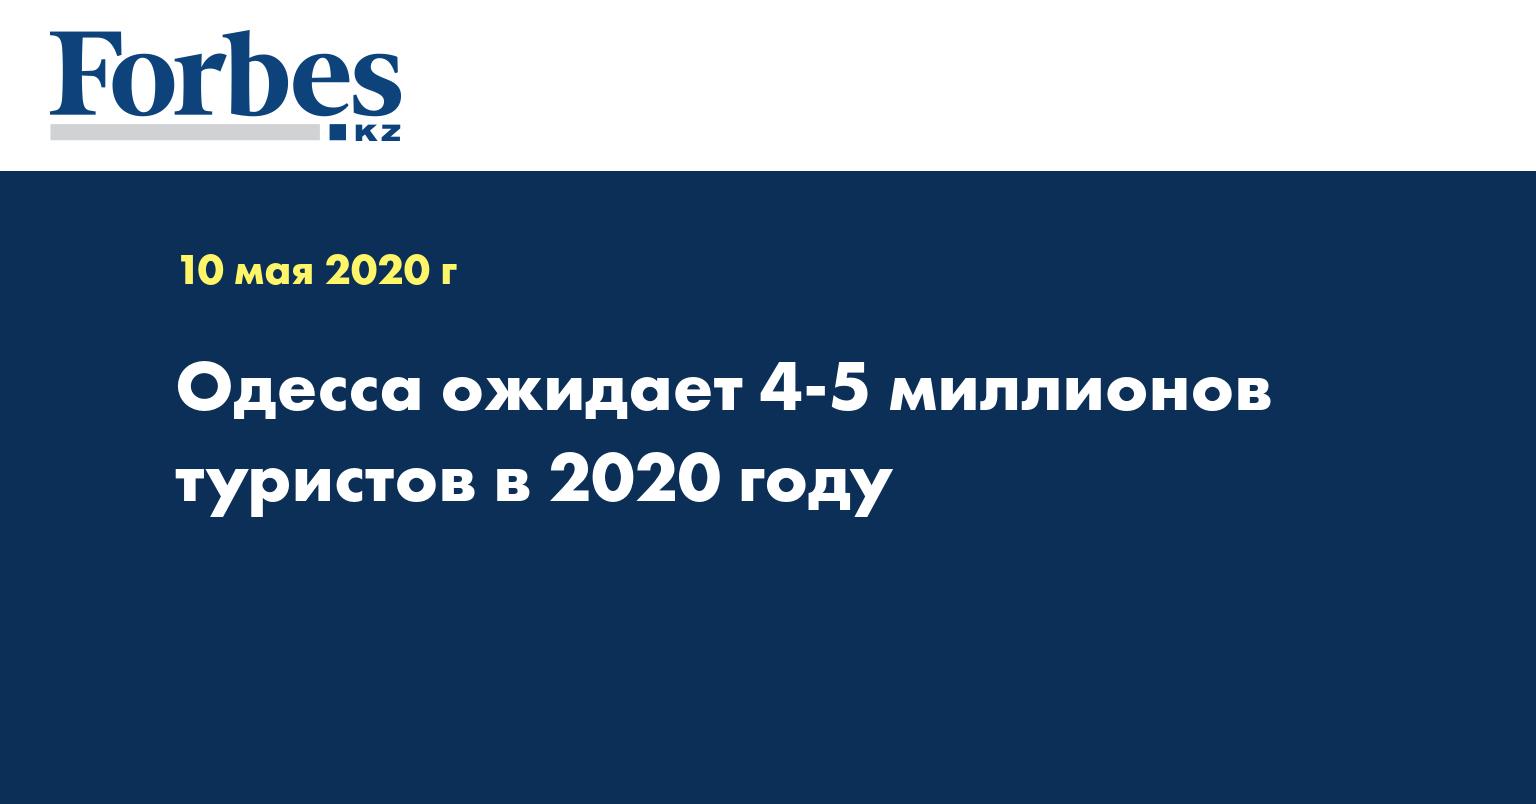 Одесса ожидает 4-5 миллионов туристов в 2020 году